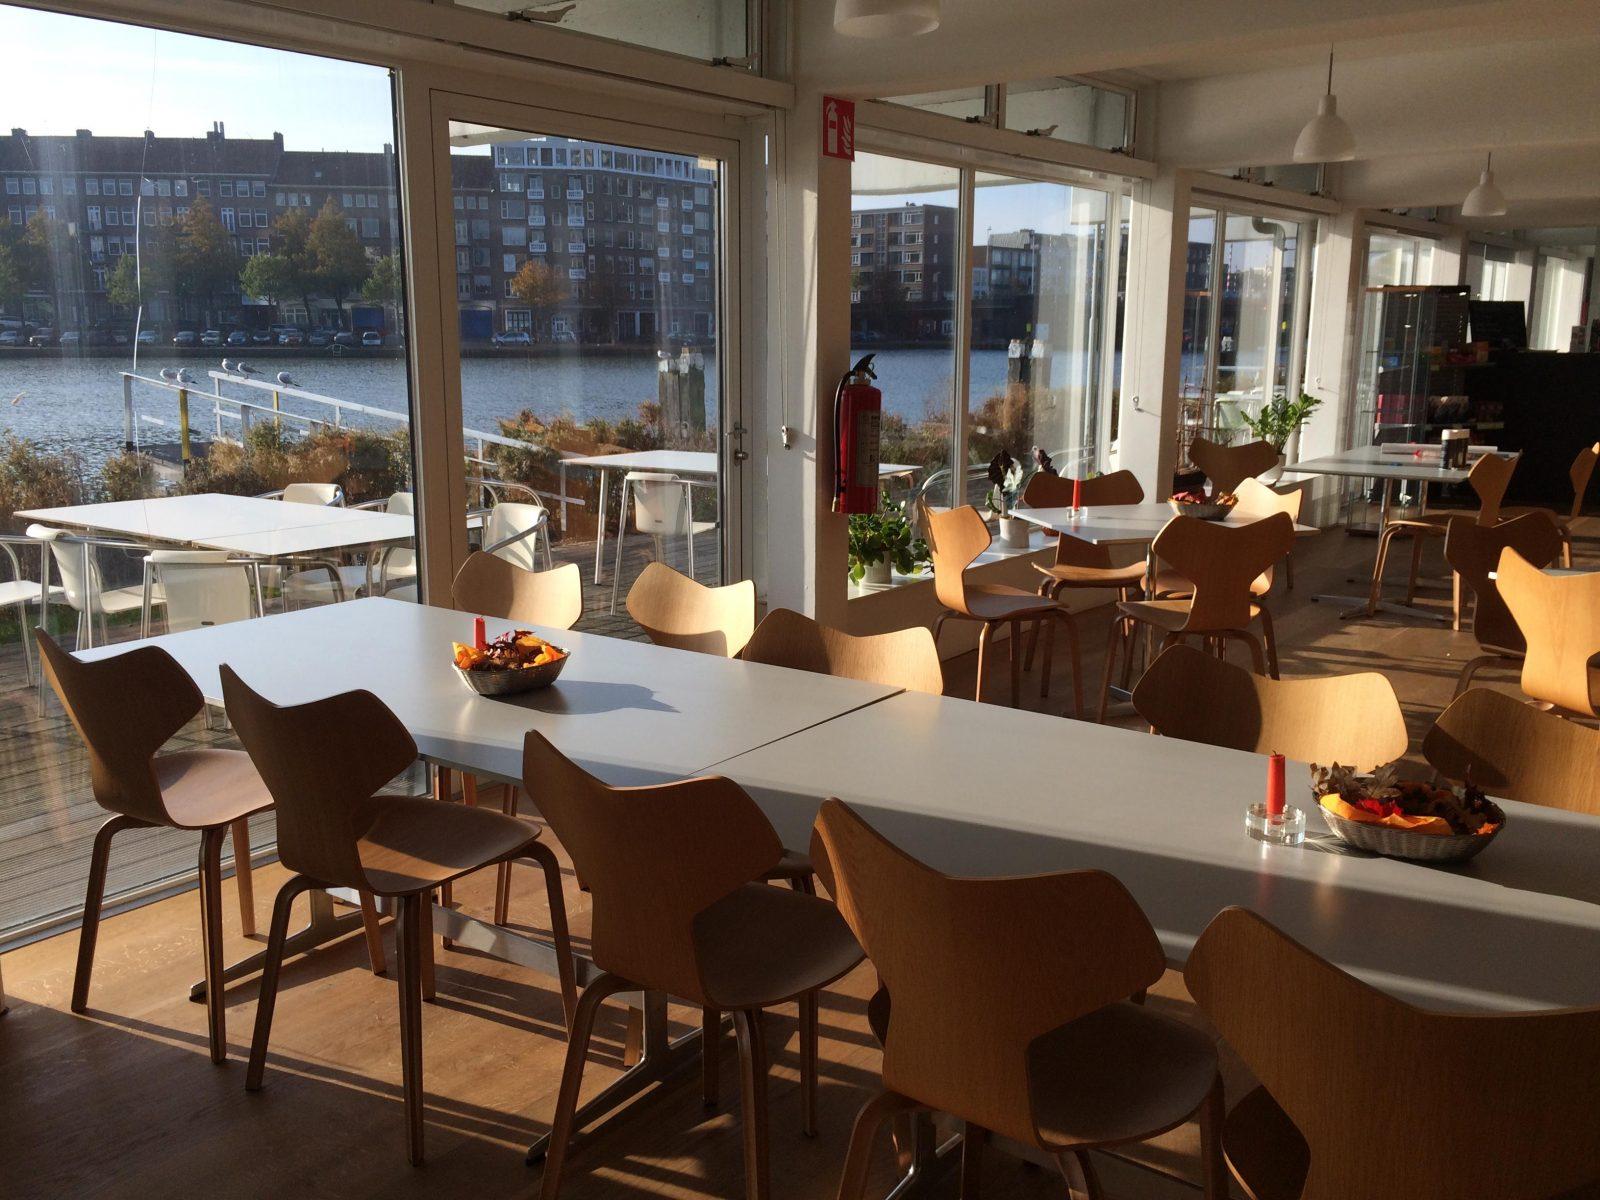 Deense kerk restaurant 2019